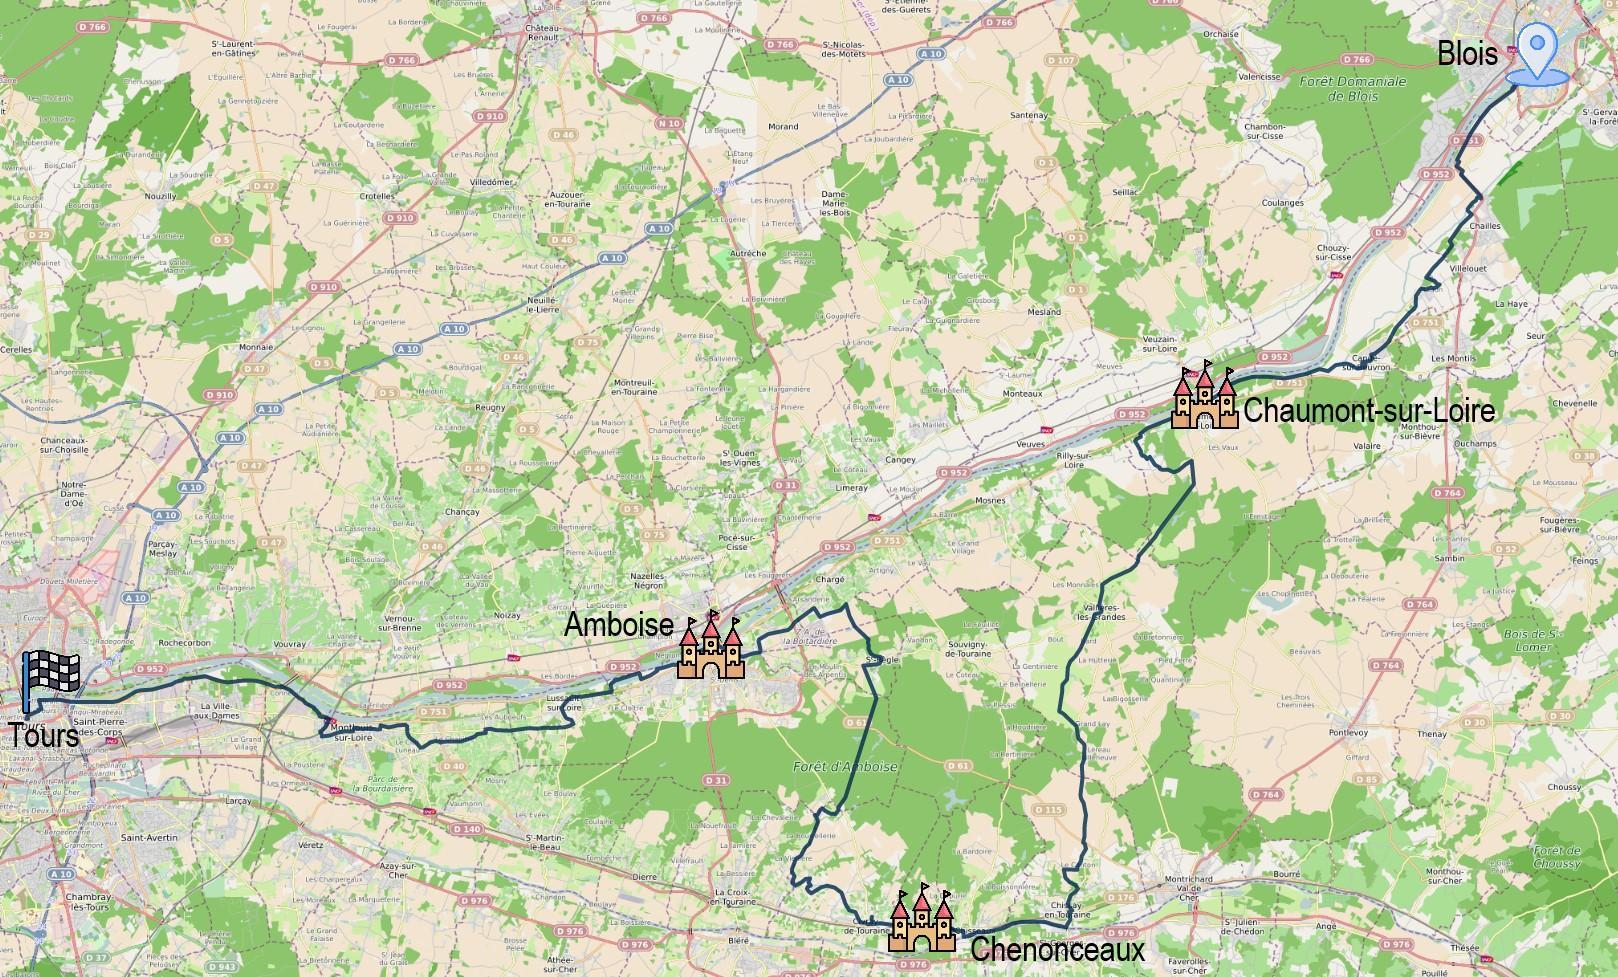 Blois - Tours via Amboise et Chaumont